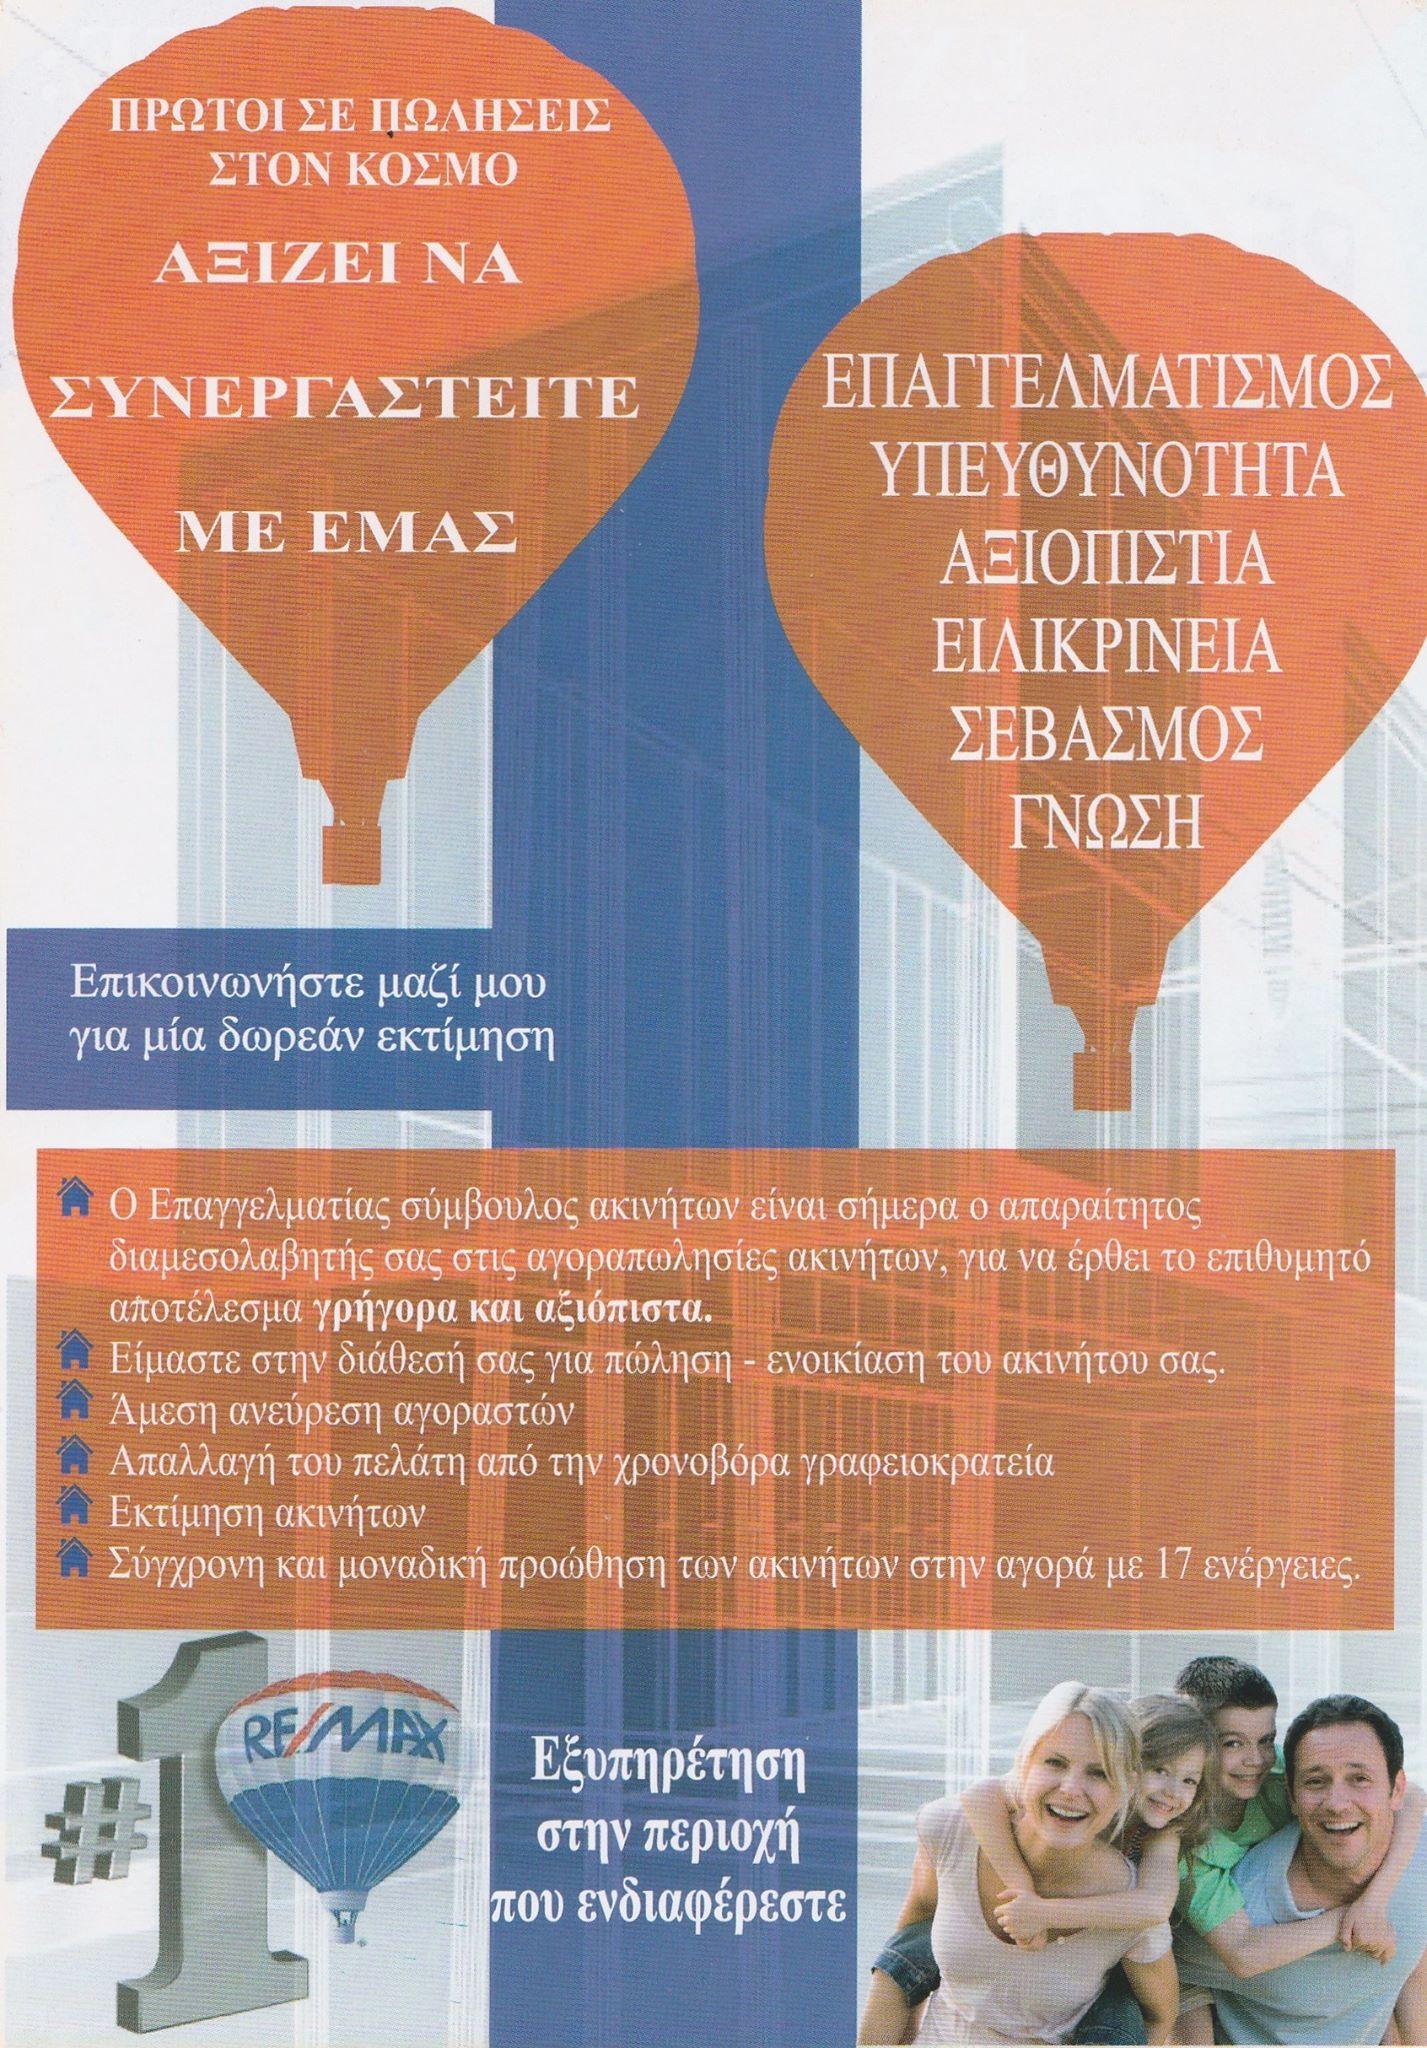 Γιάννης Πεσιρίδης - Σύμβουλος Ακινήτων - Πανελλαδική Κάλυψη